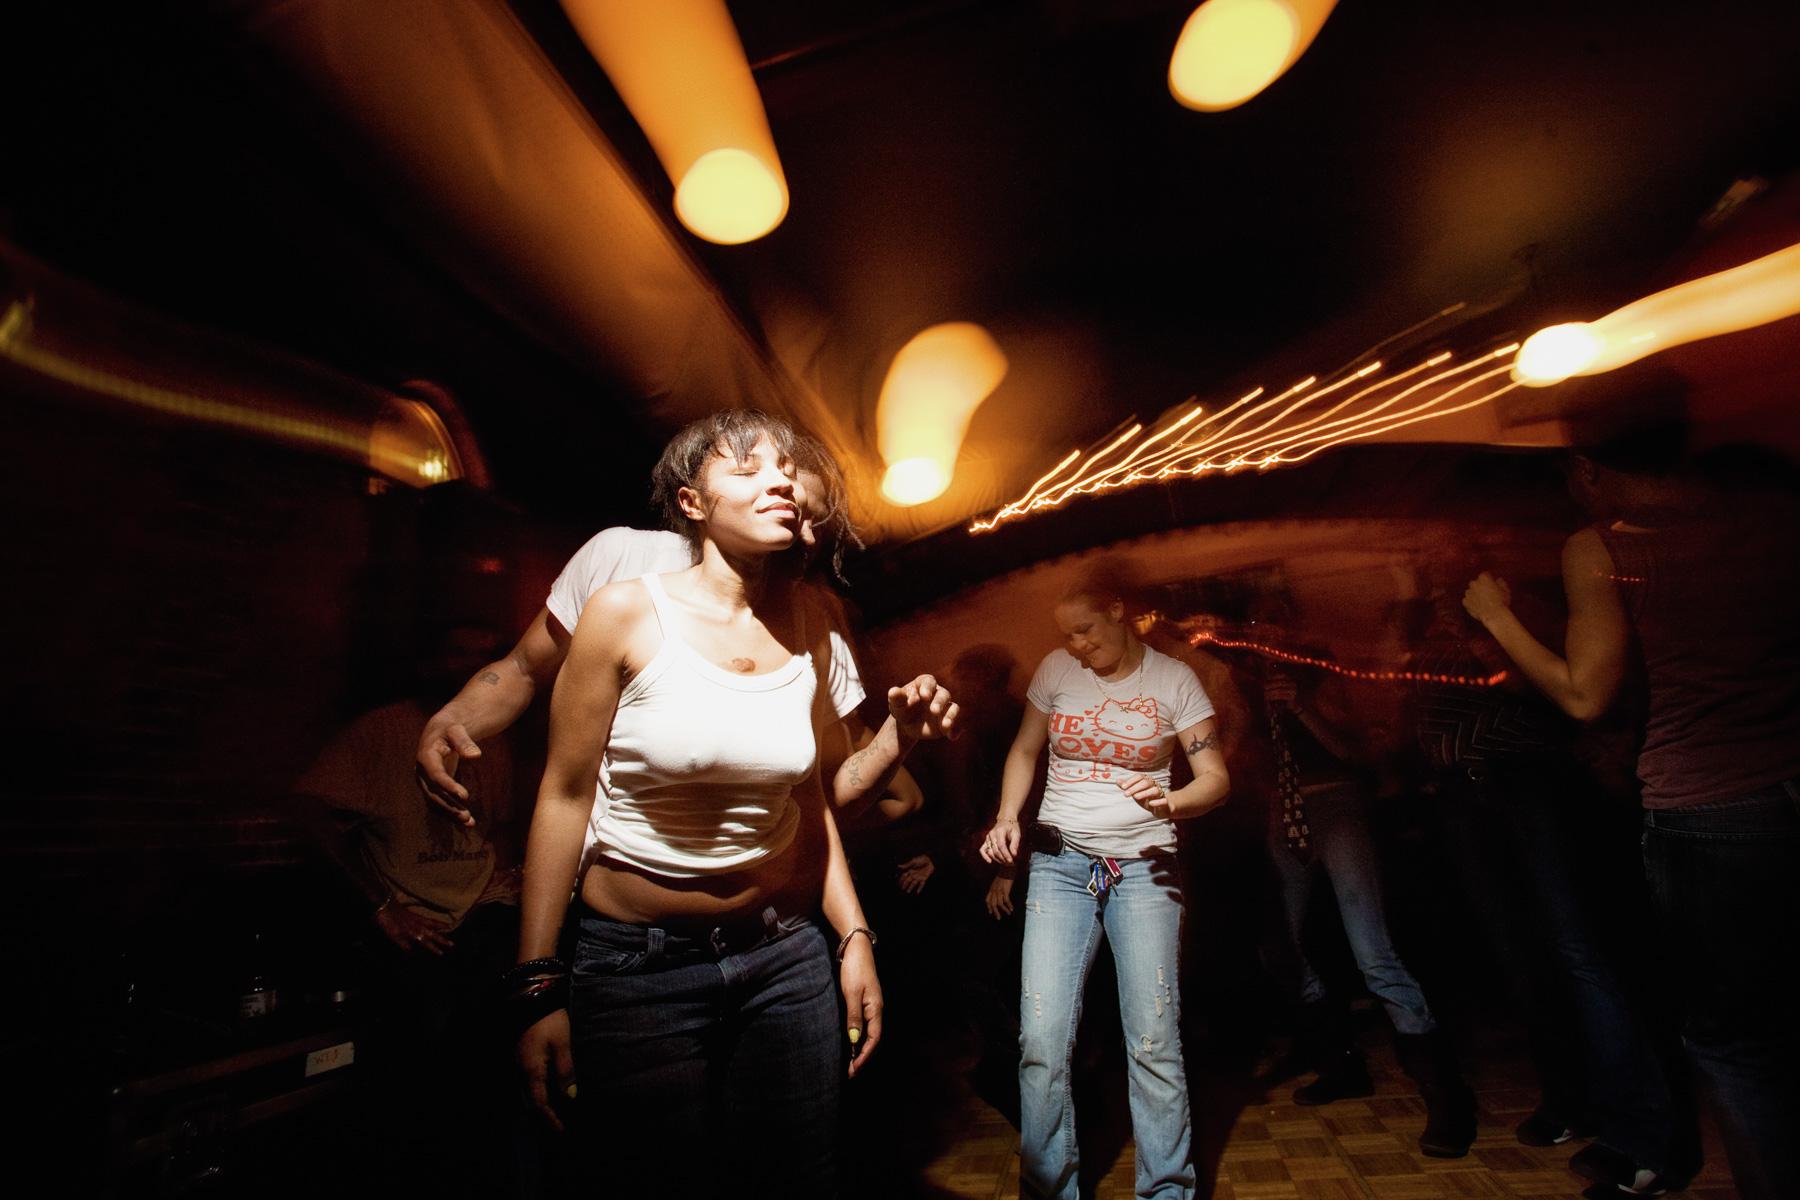 nightlife-dance-club-1.jpg